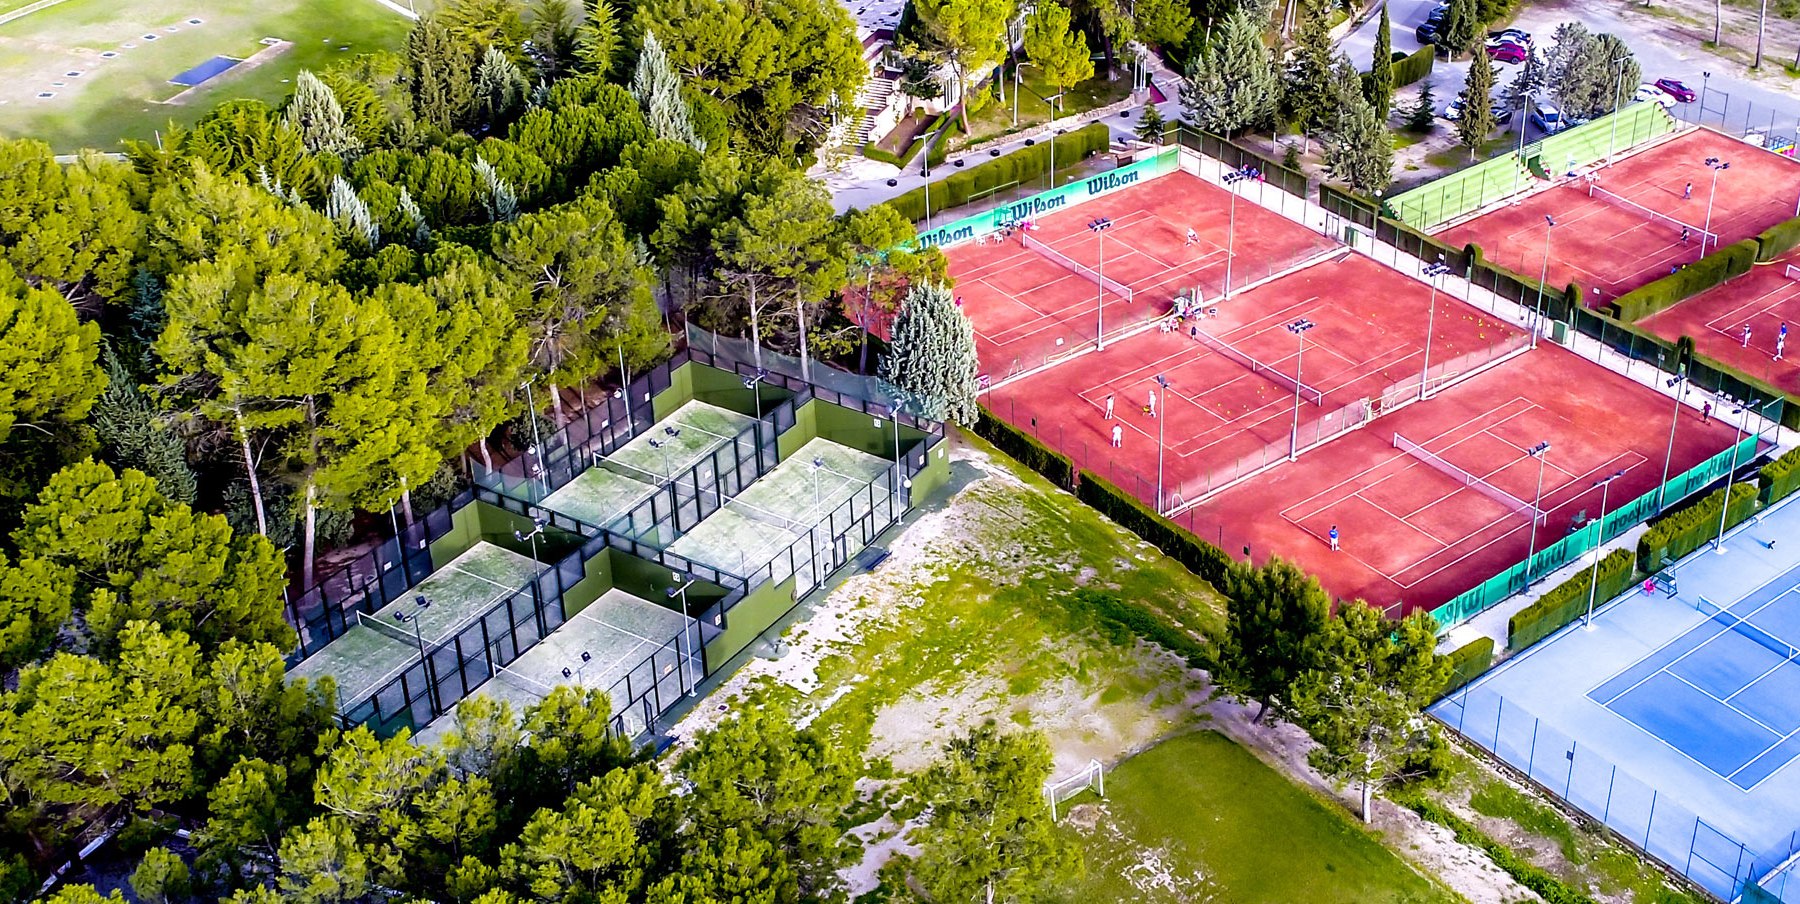 Nuevas medidas: desde el lunes 25 de mayo se podrá jugar al tenis y al pádel en la modalidad de dobles